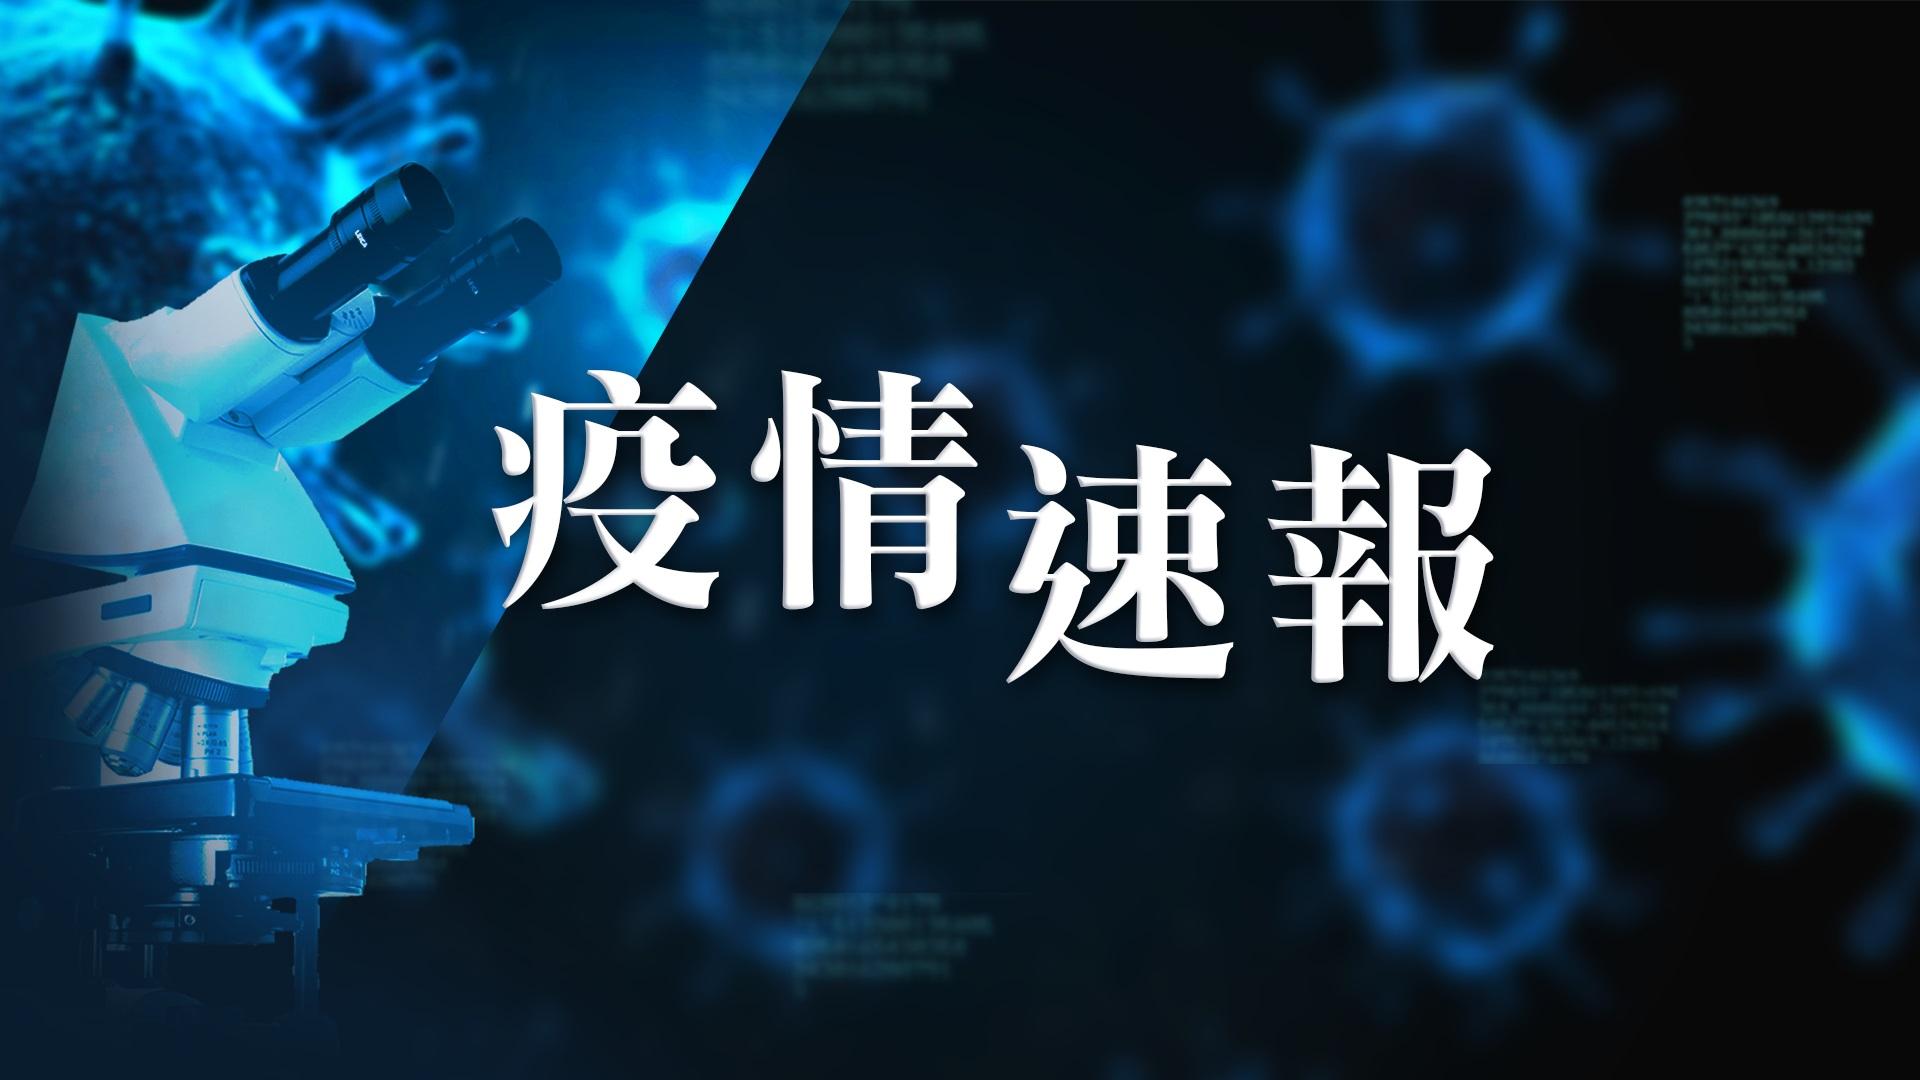 【3月13日疫情速報】(22:30)